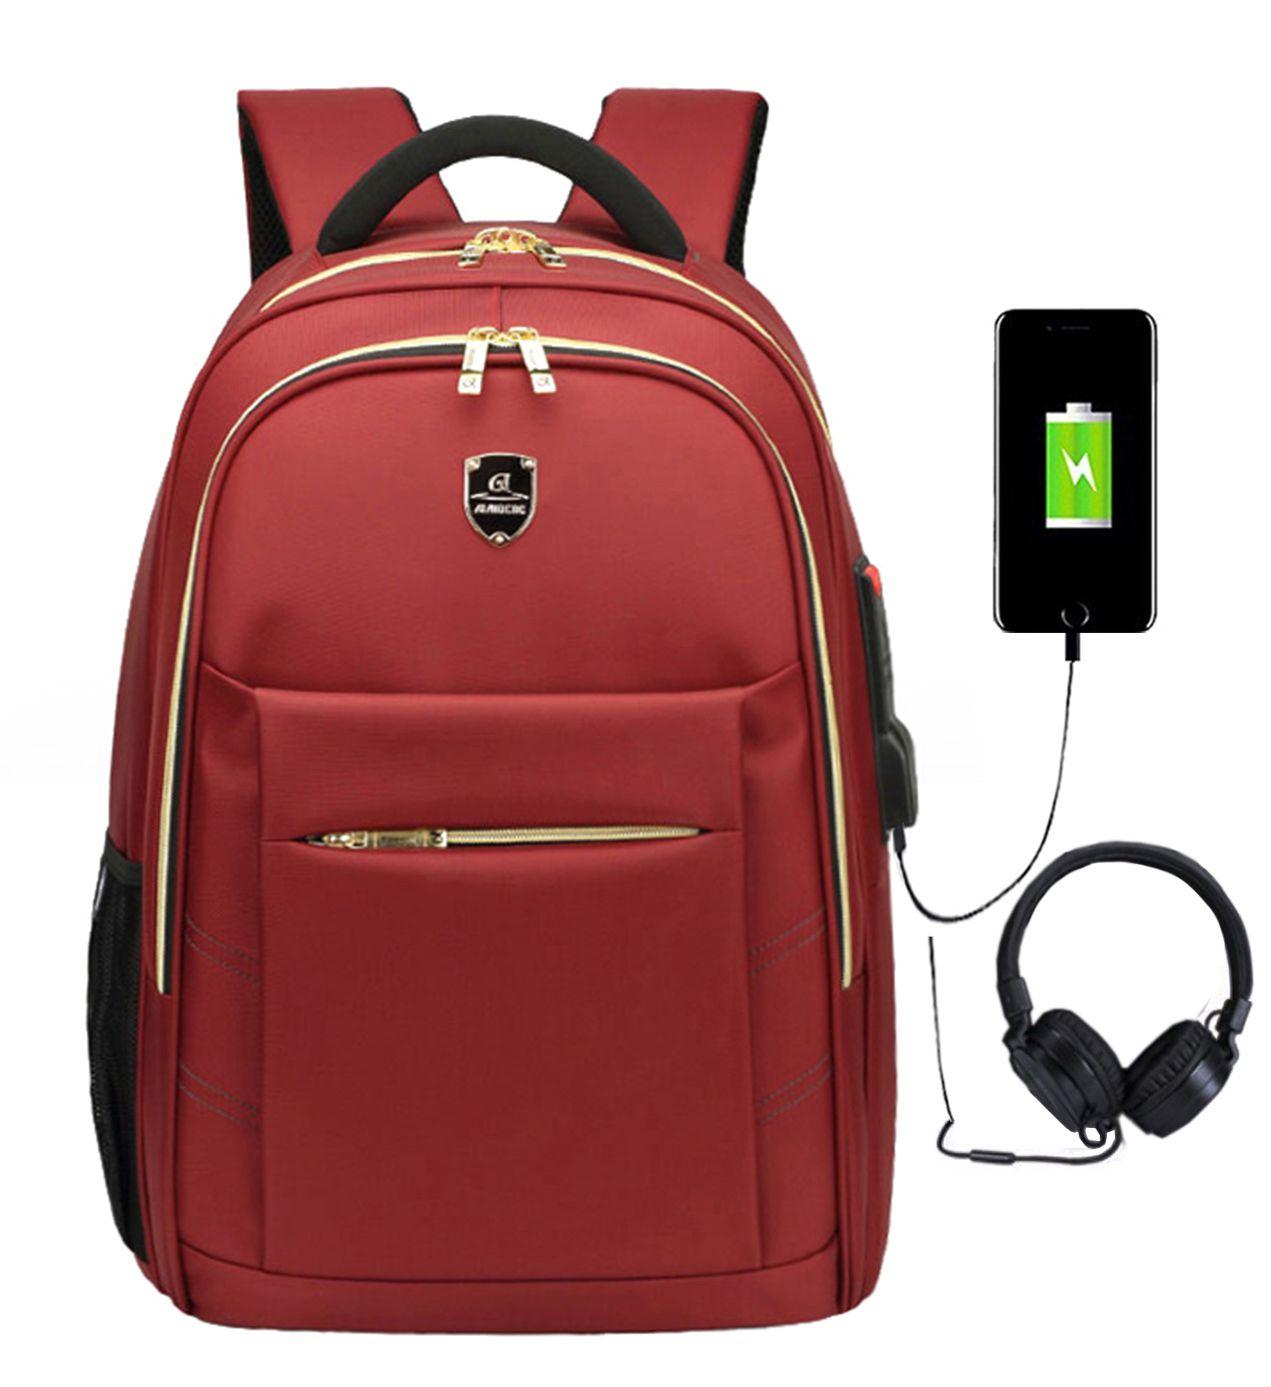 Mochila Notebook Saída USB Fone Impermeável M1801 Vermelho